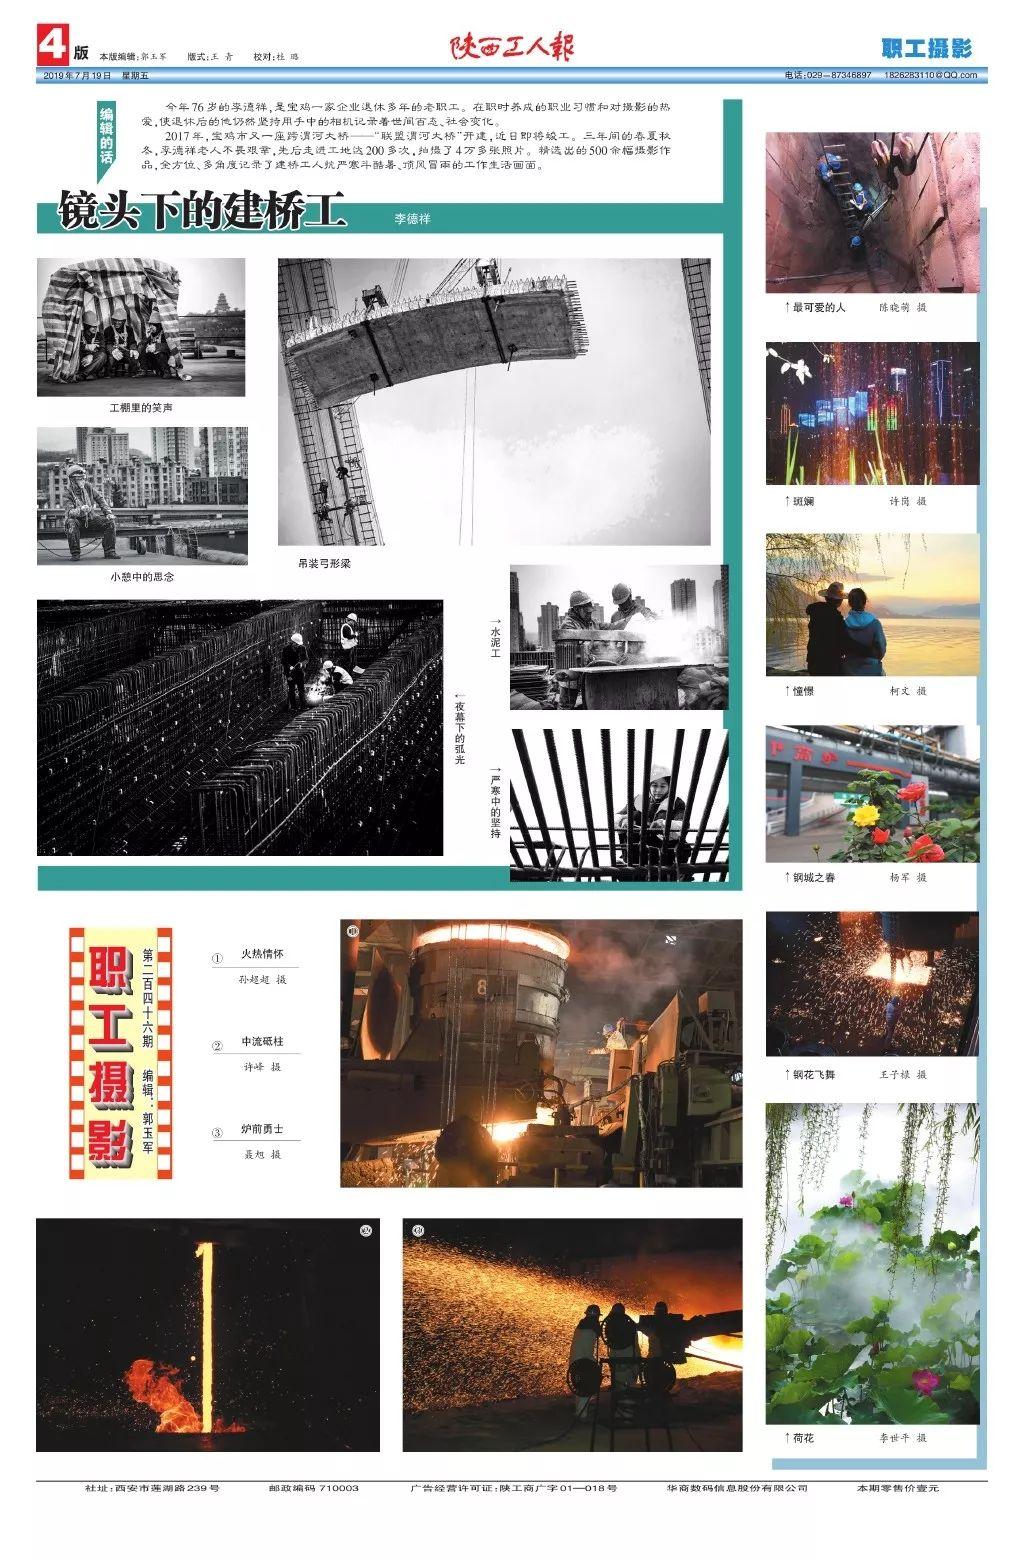 【职工荣誉】陕钢集团庆祝建国70周年职工摄影作品在《陕西工人报》刊发